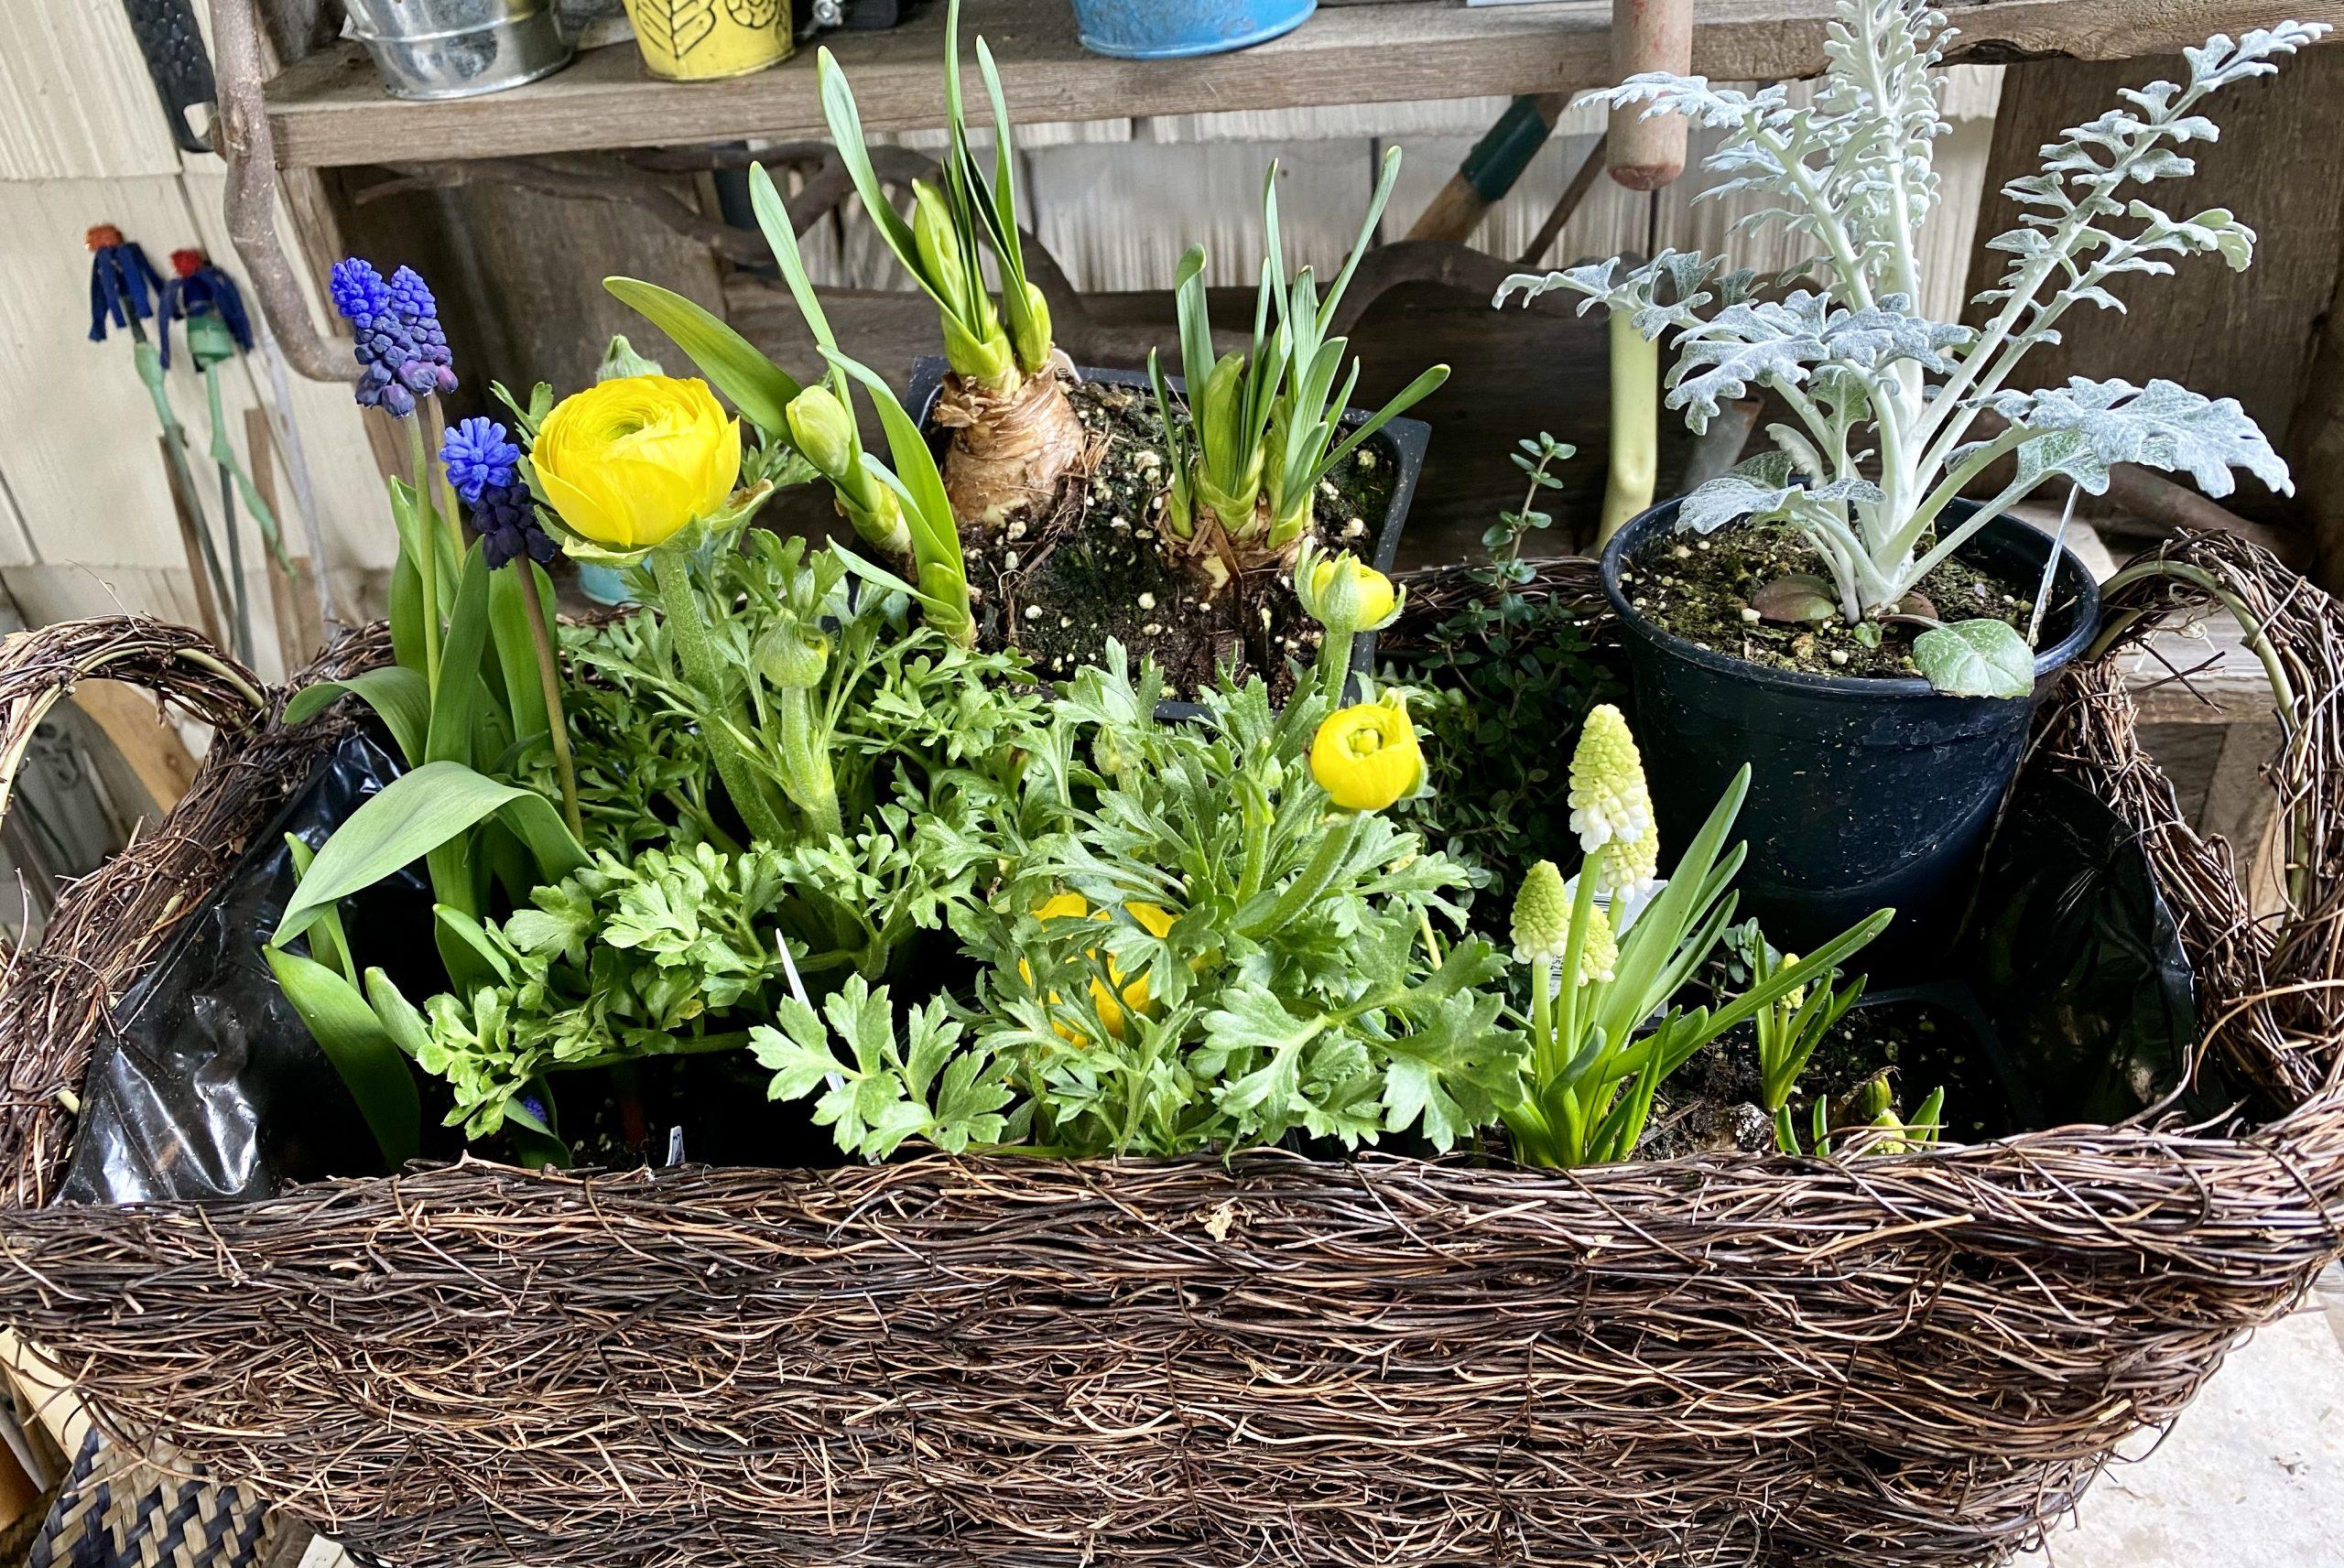 Flower collection, hyacinths, ranunculus, daffodils, dusty millers, thyme, fern, grape hyacinths, white hyacinths